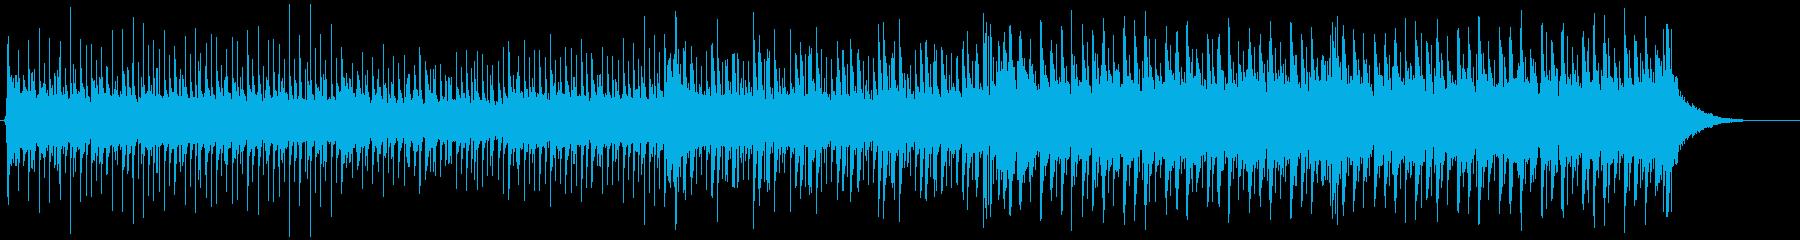 爽やかなダンスBGMの再生済みの波形